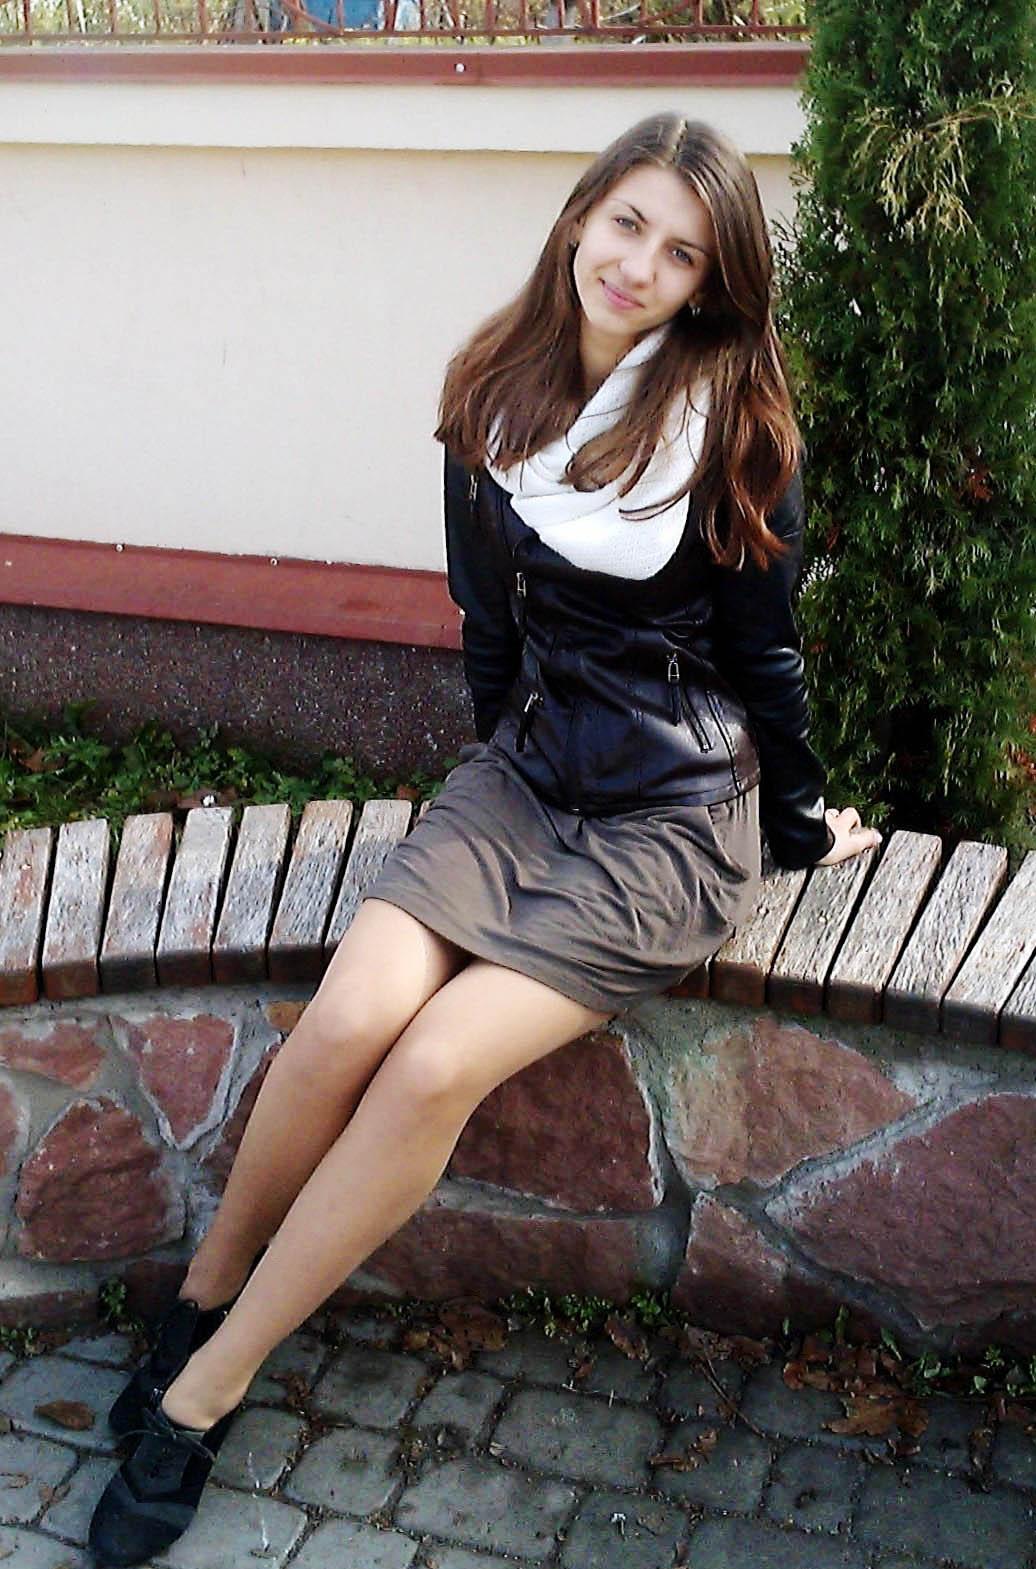 Красивая шатенка на скамейке в платье